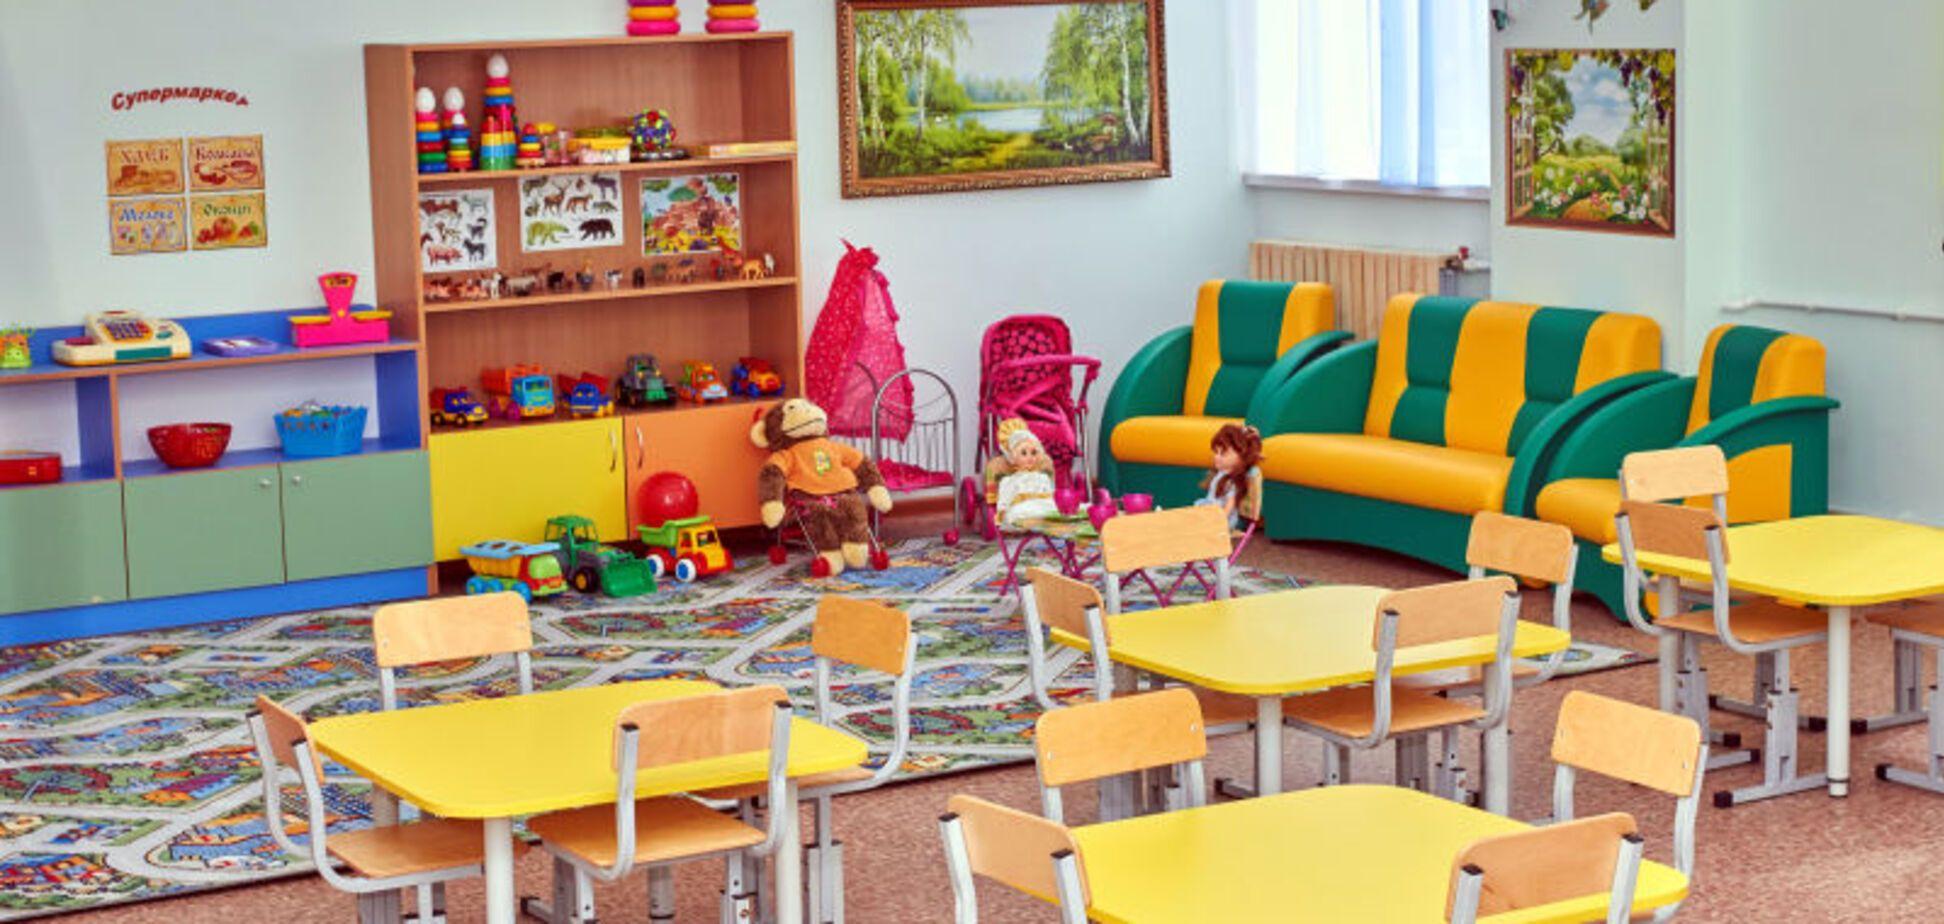 Дети ужинали: в Черкассах обвалился потолок в детсаду